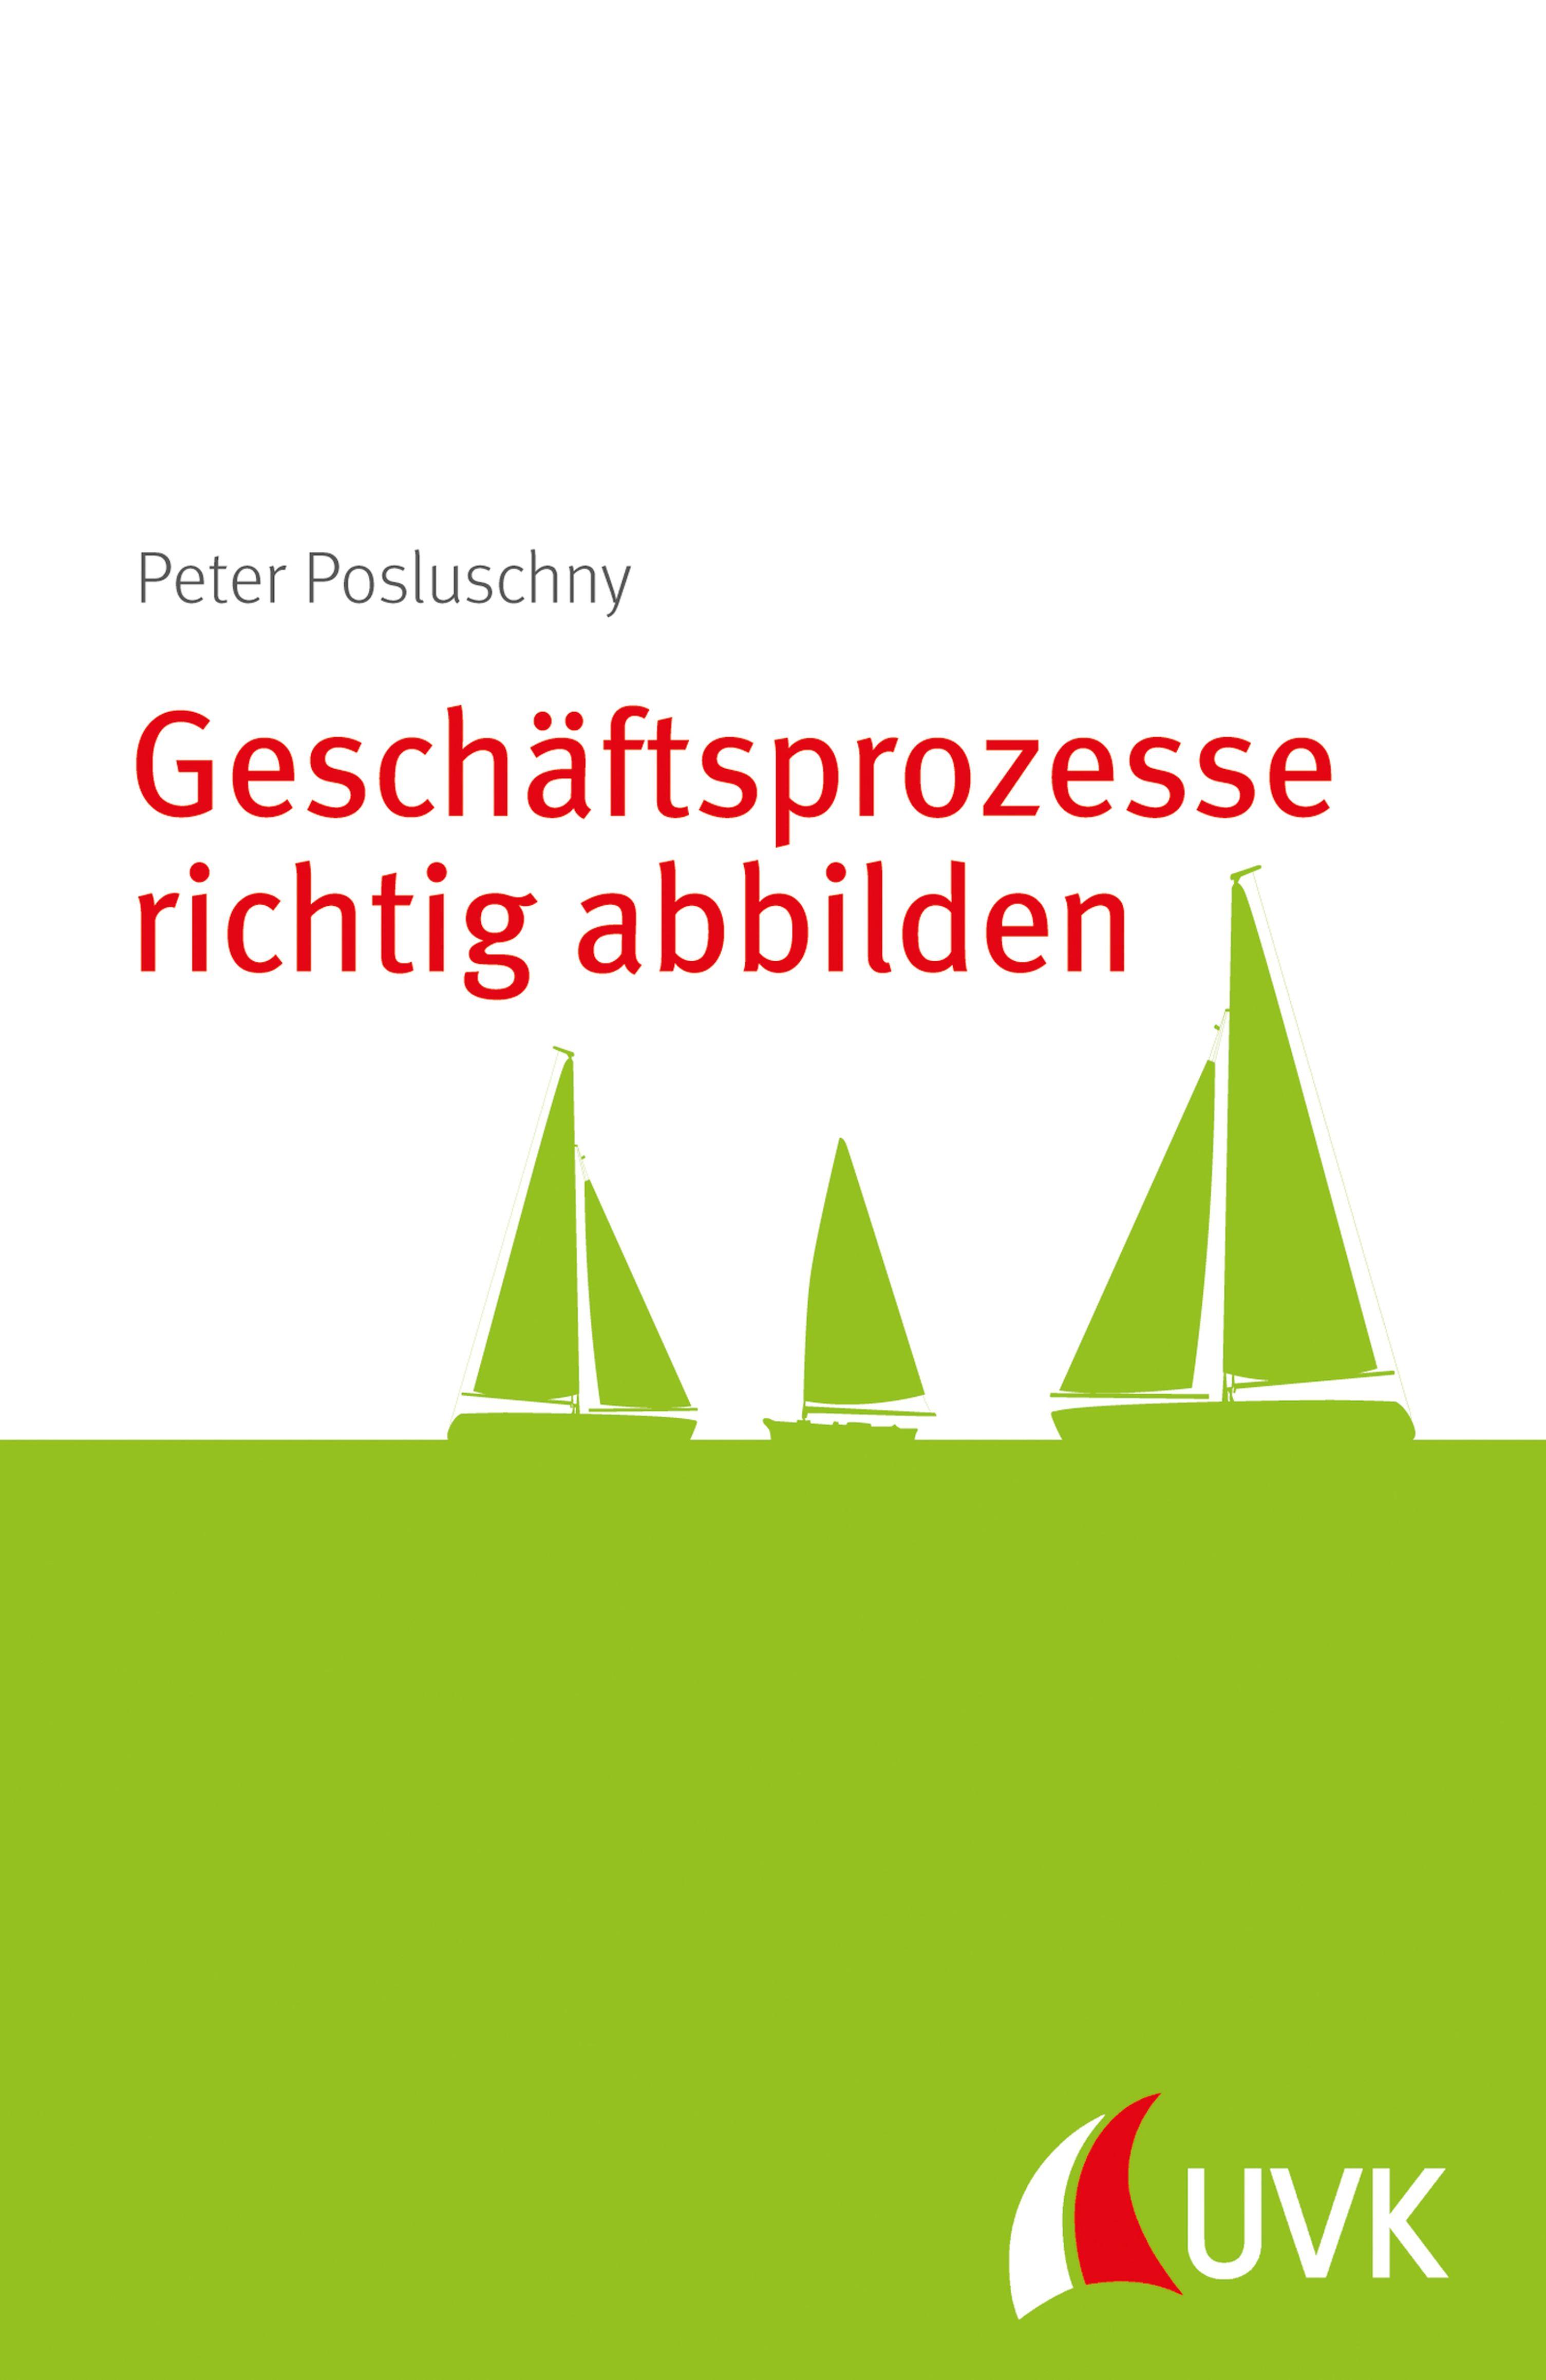 Peter Posluschny Geschäftsprozesse richtig abbilden walter koelle wasseranalysen richtig beurteilt grundlagen parameter wassertypen inhaltsstoffe page 8